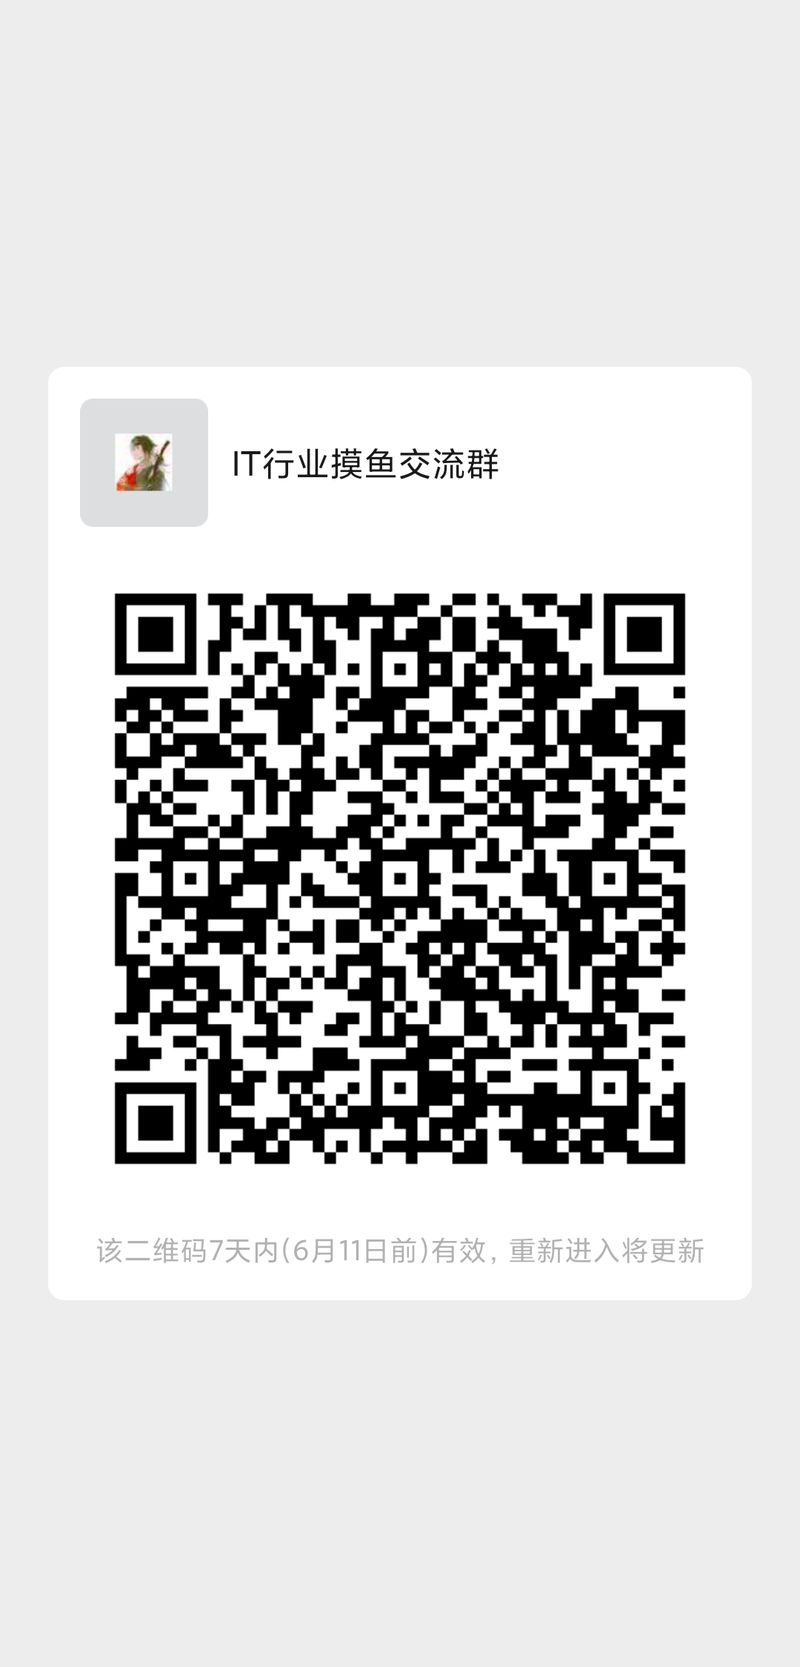 剑来酱92065于2021-06-04 11:36发布的图片